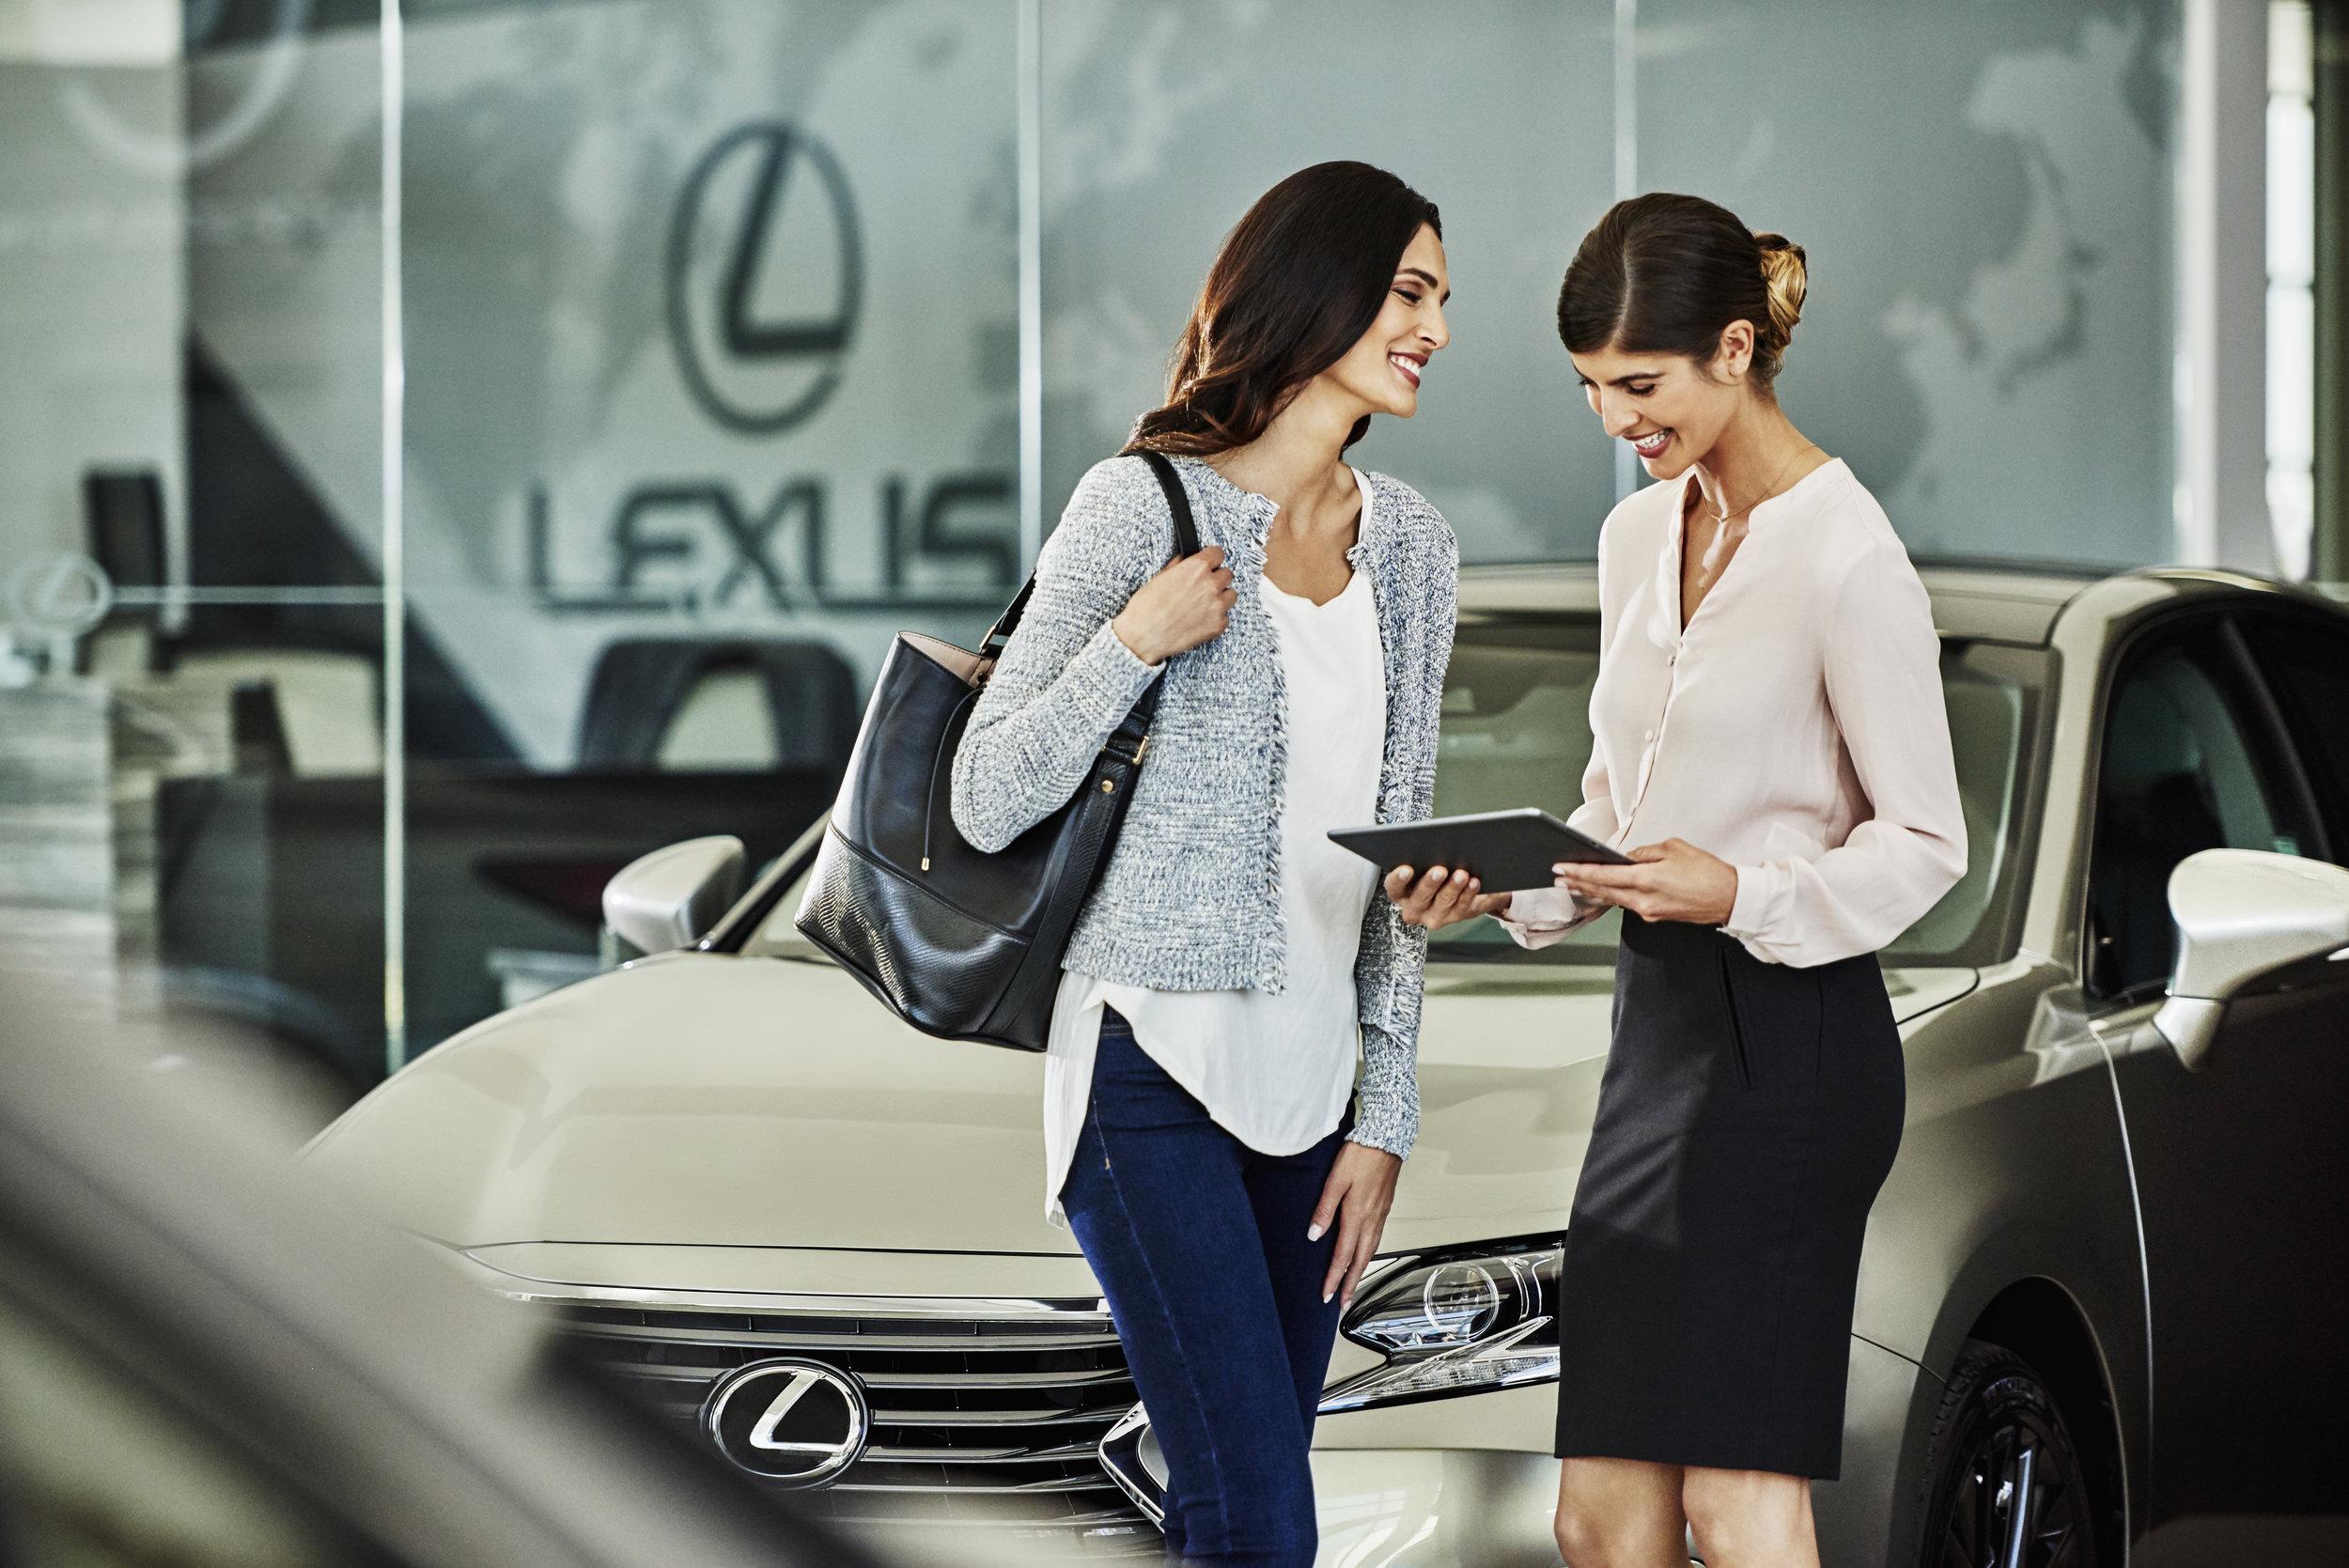 NM_02_20160316_Lexus_00614.jpg